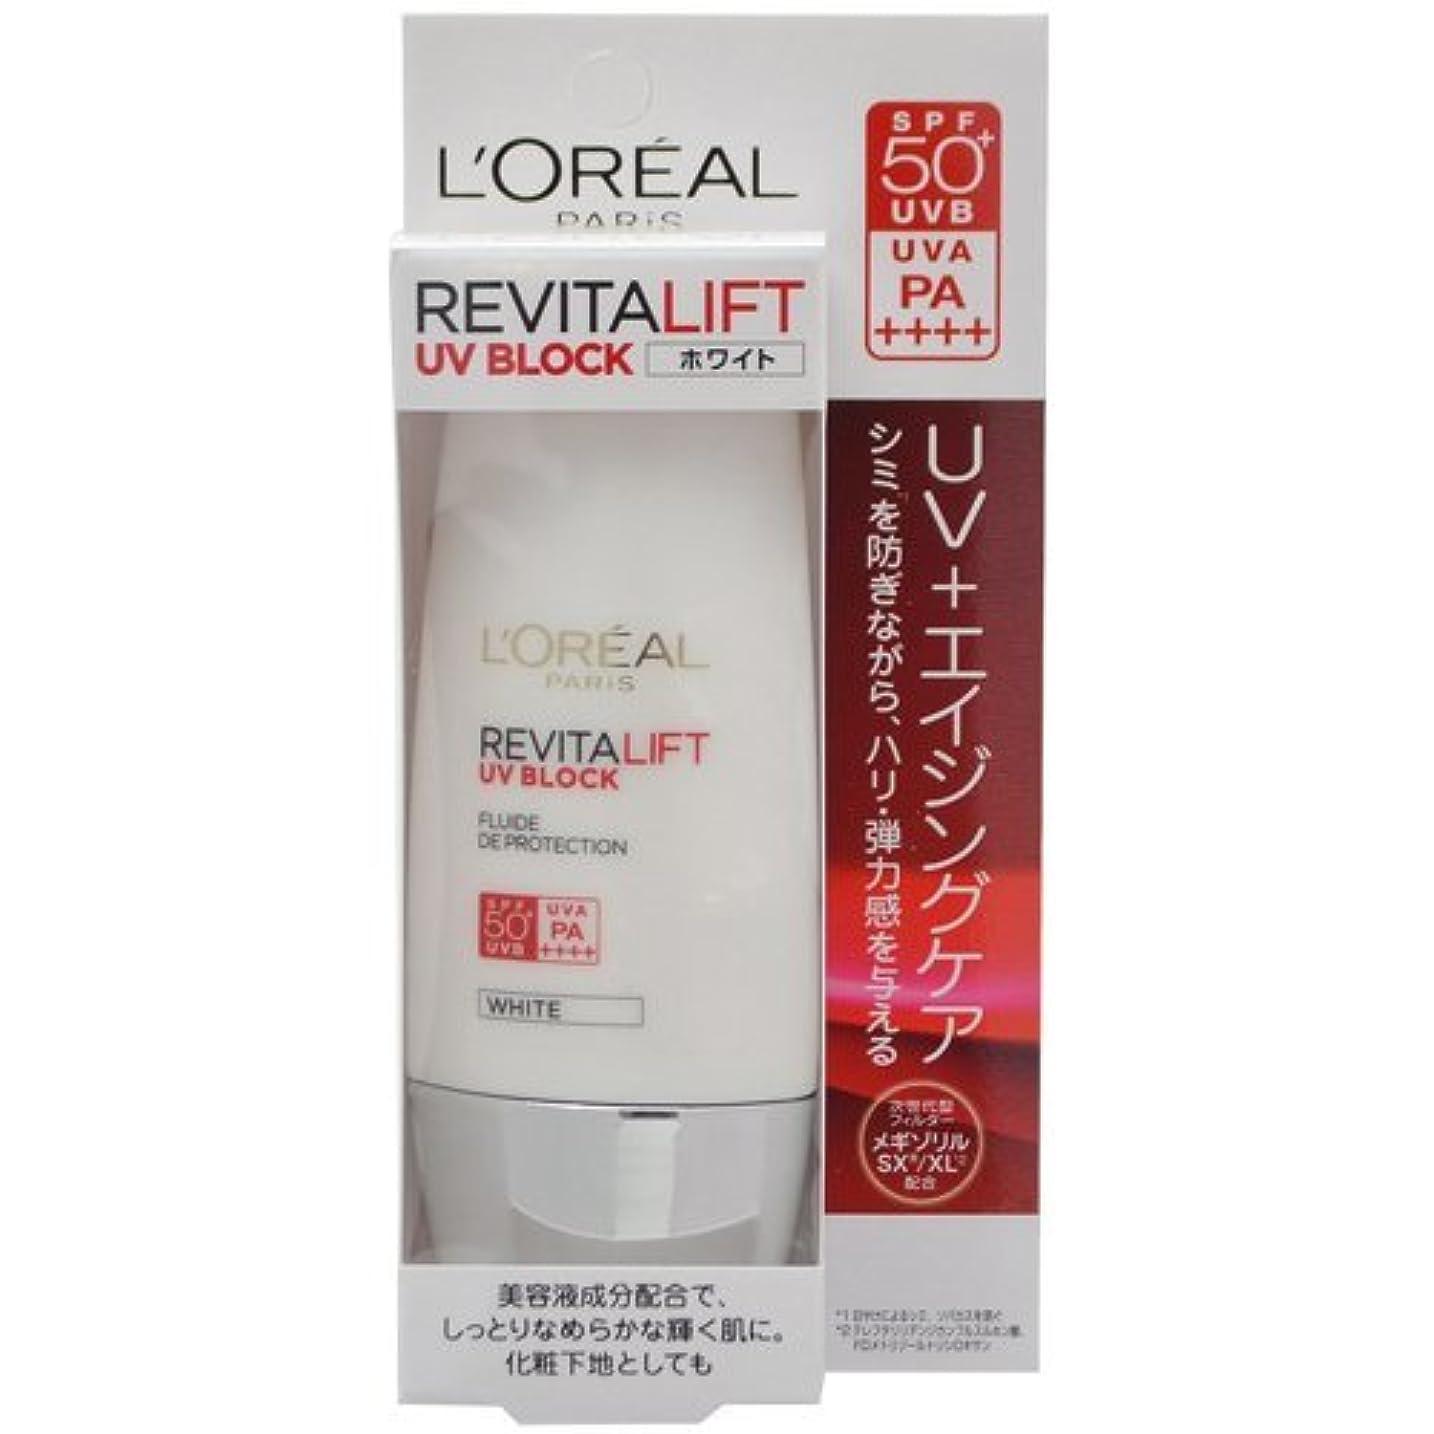 番号数値迷惑ロレアル パリ リバイタルリフト UV ブロック ホワイト 日やけ止め乳液 メイクアップベース (30g) SPF50+ PA++++